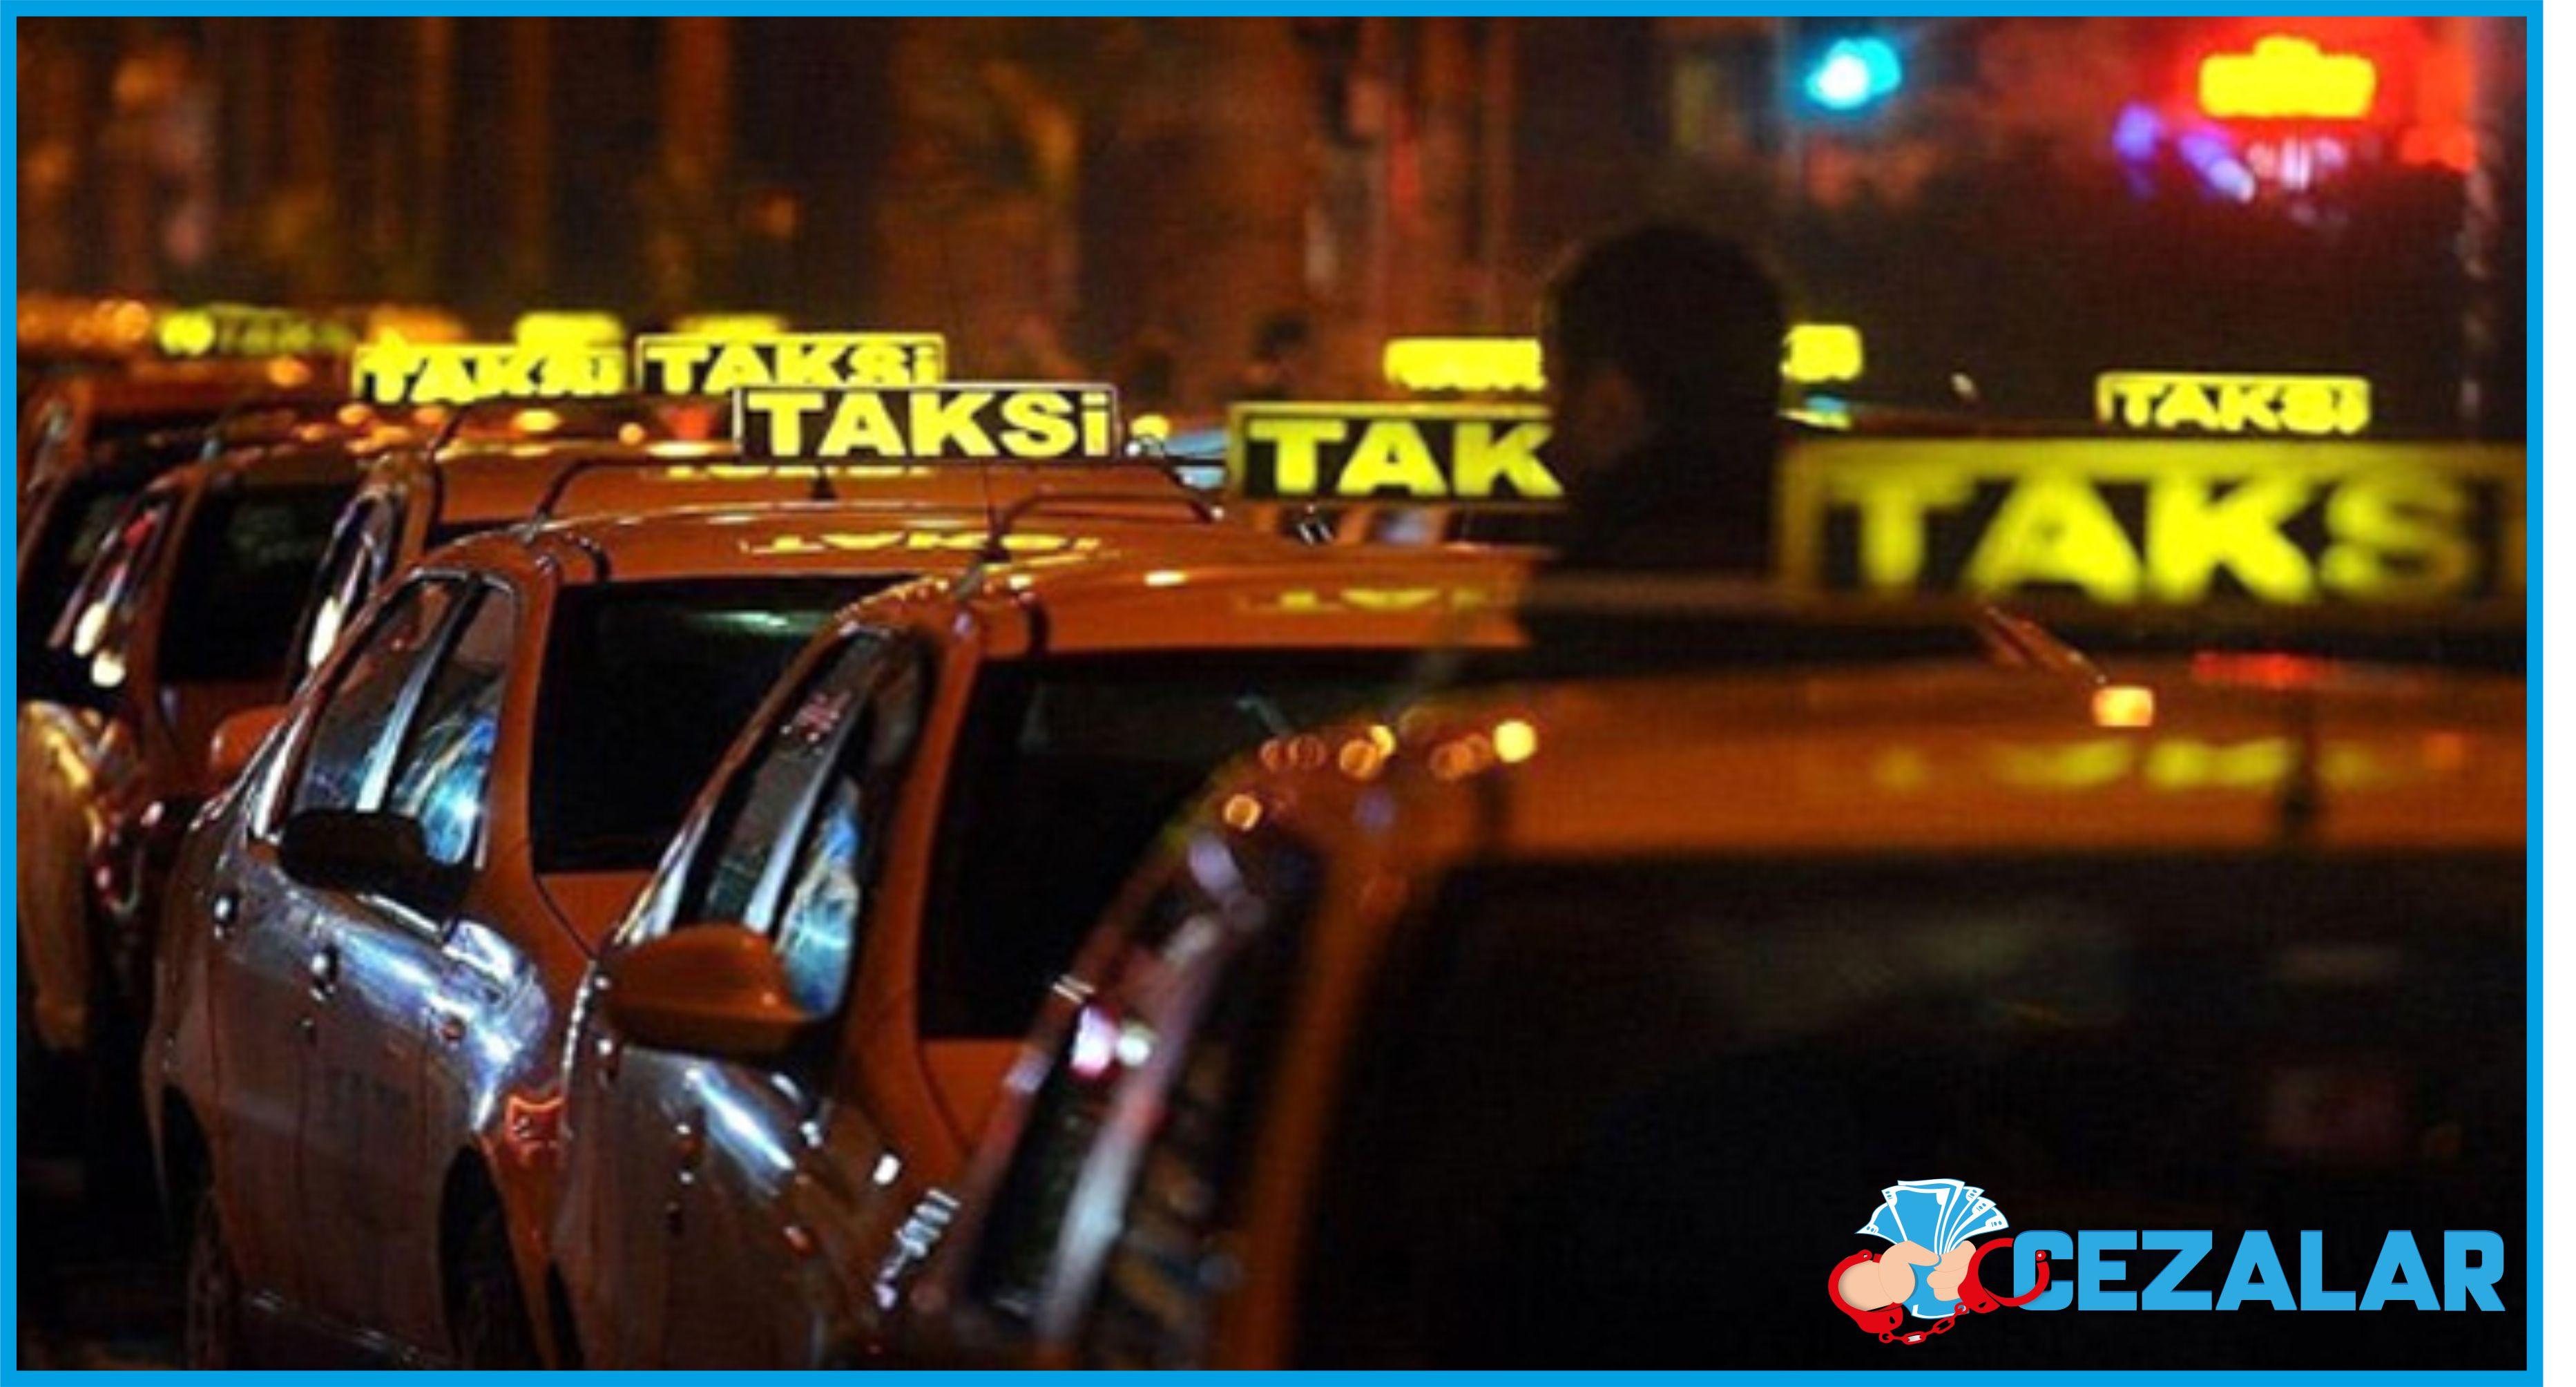 2019 yilinda taksimetre acmayan taksicilere kesilen ceza ne kadar oldu cezalar com trafik elektrik su dogalgaz guncel cezalar